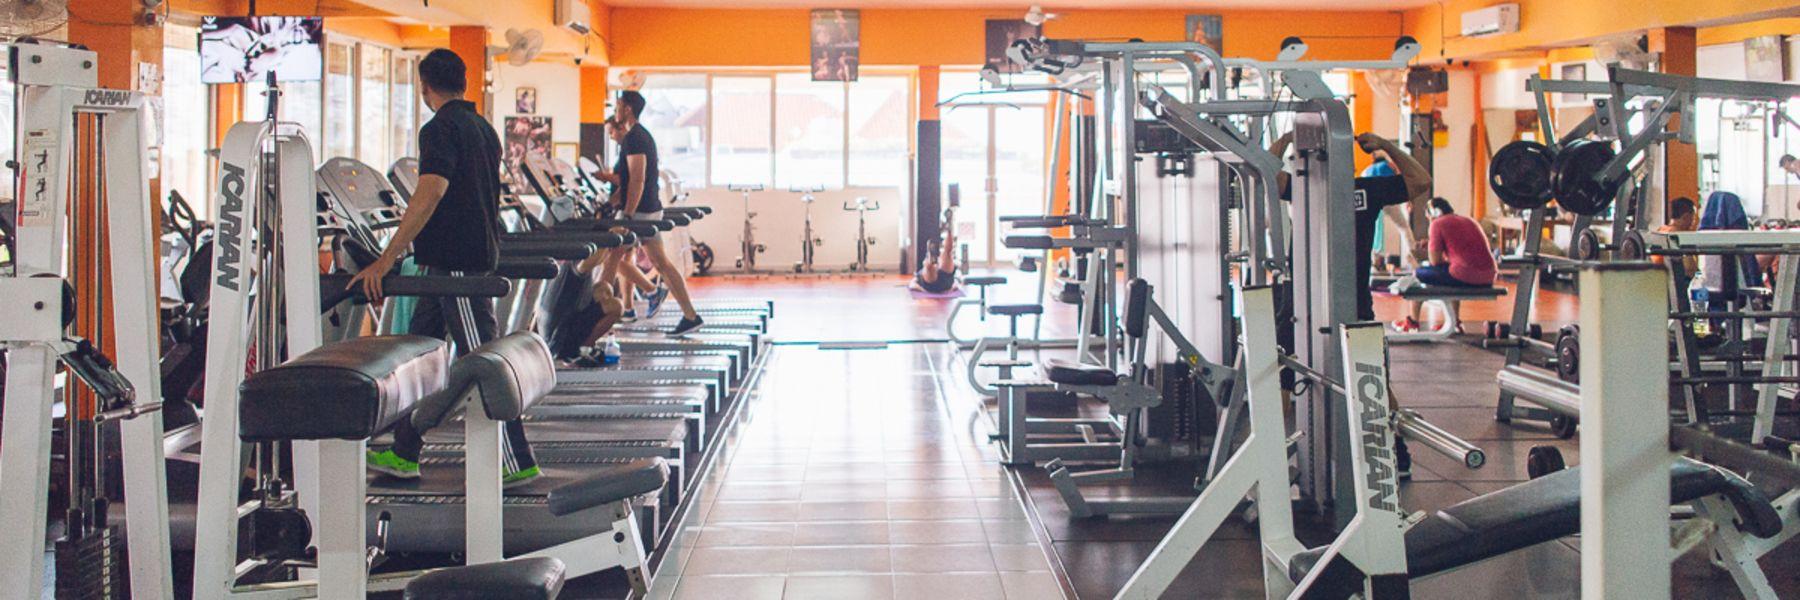 Hammerhead Gym image